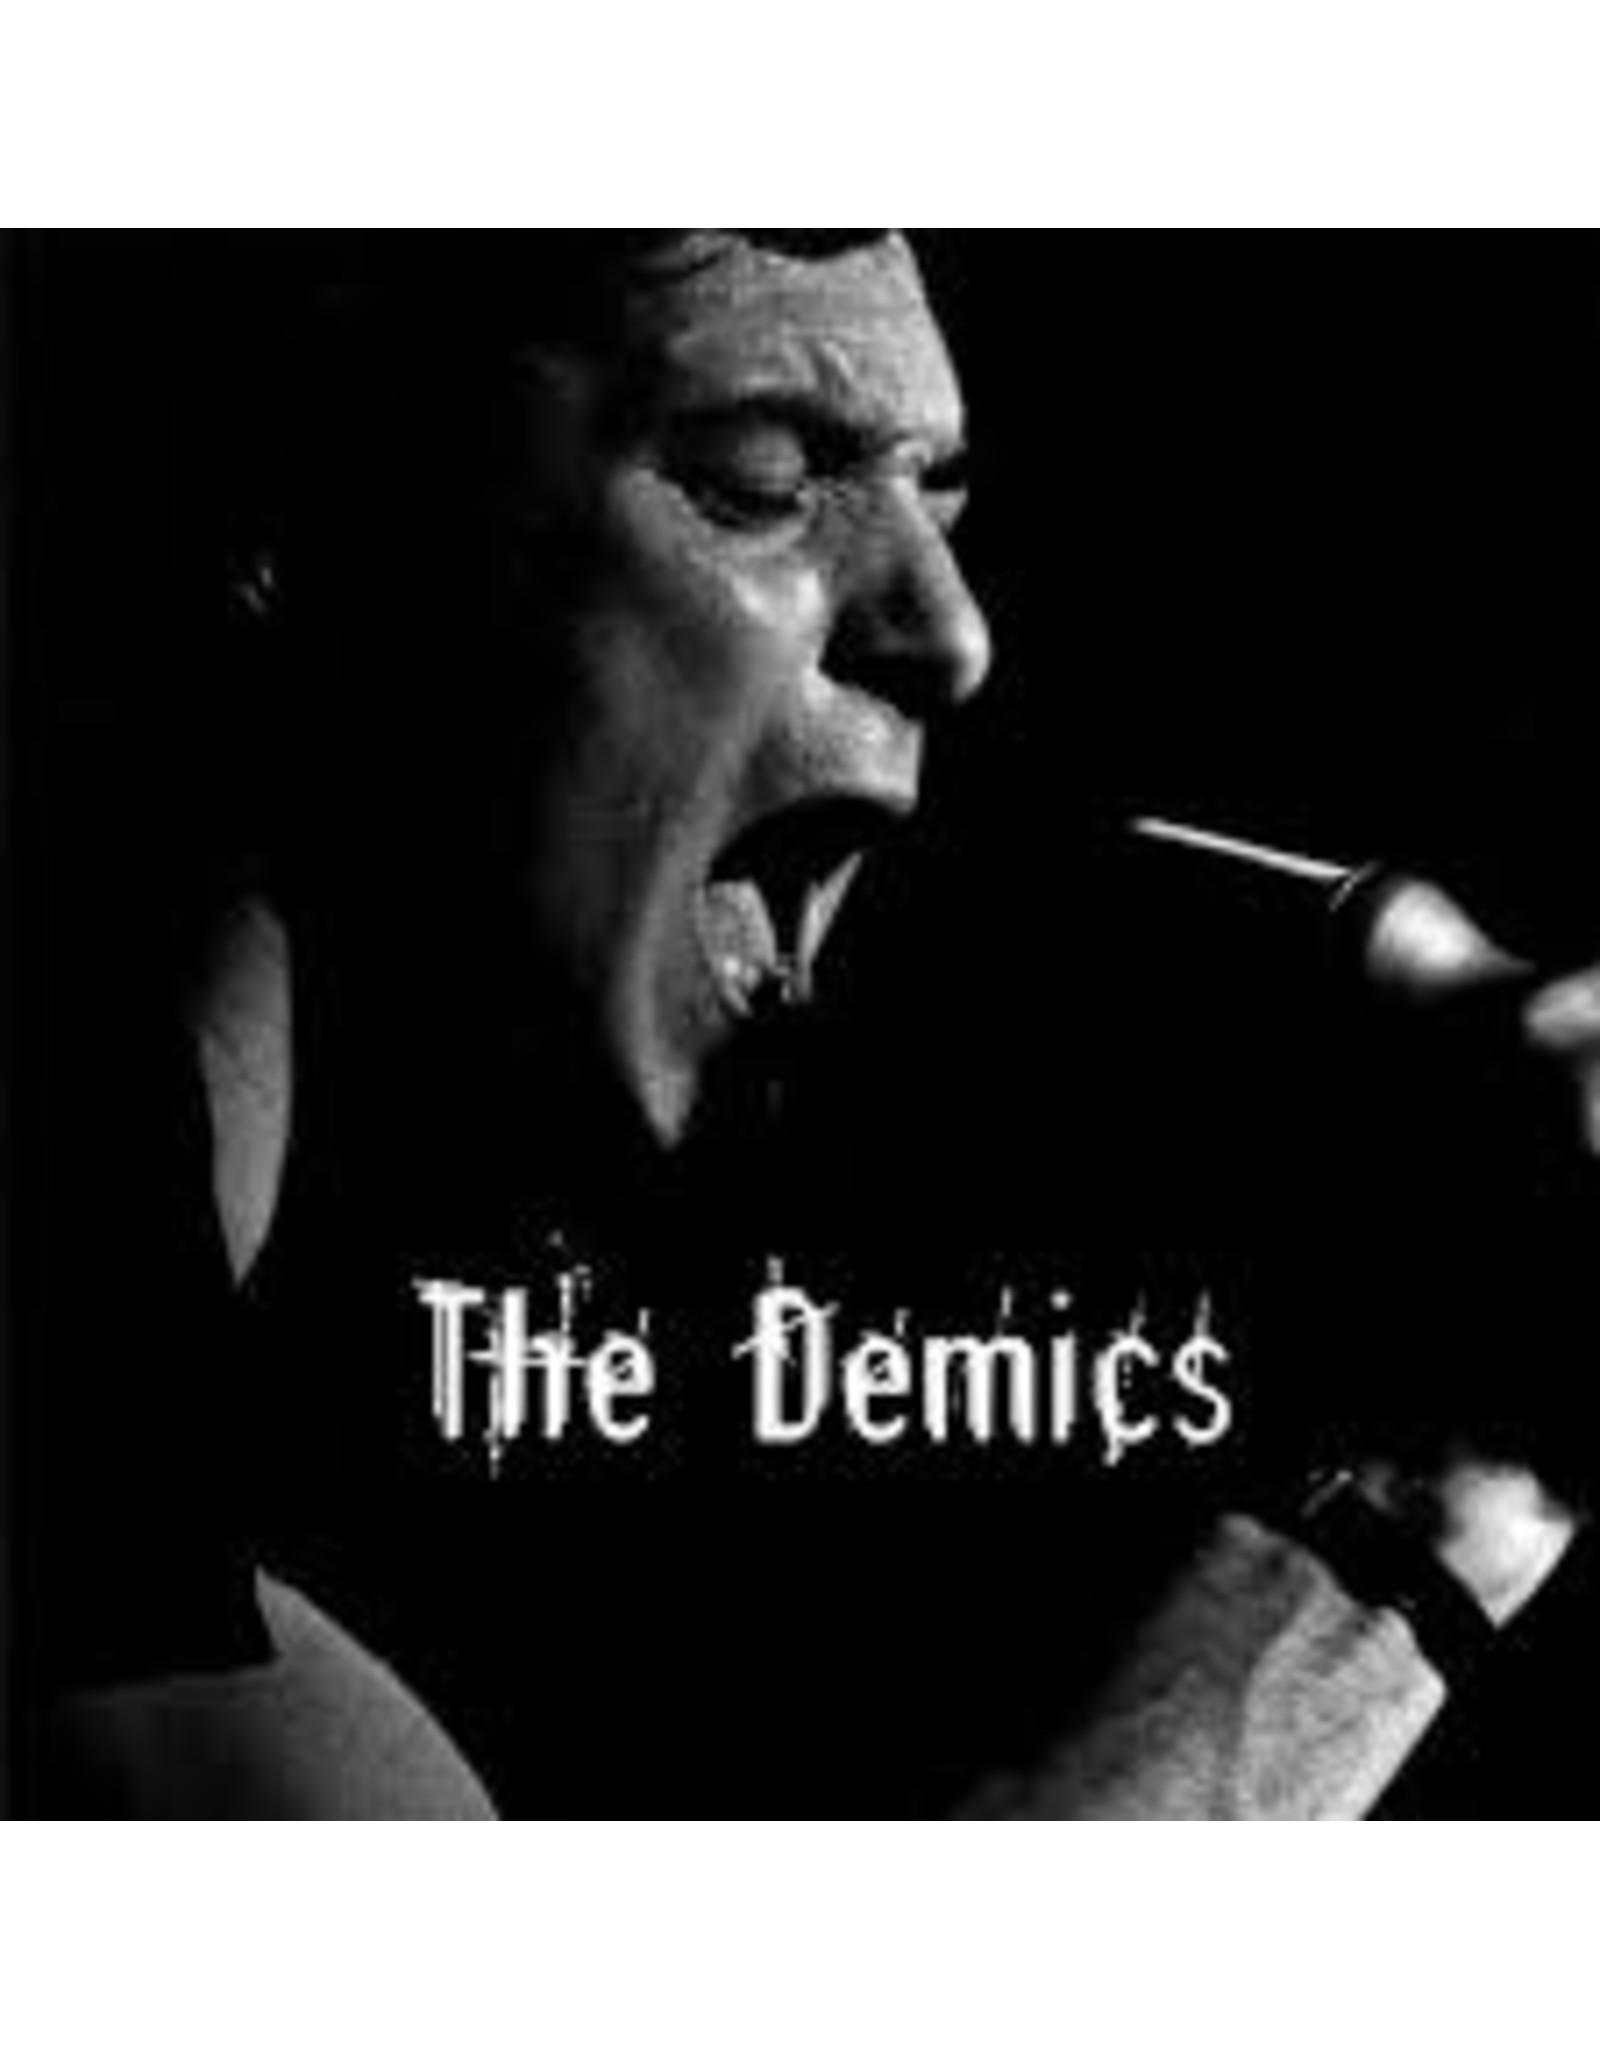 Demics, The - The Demics CD